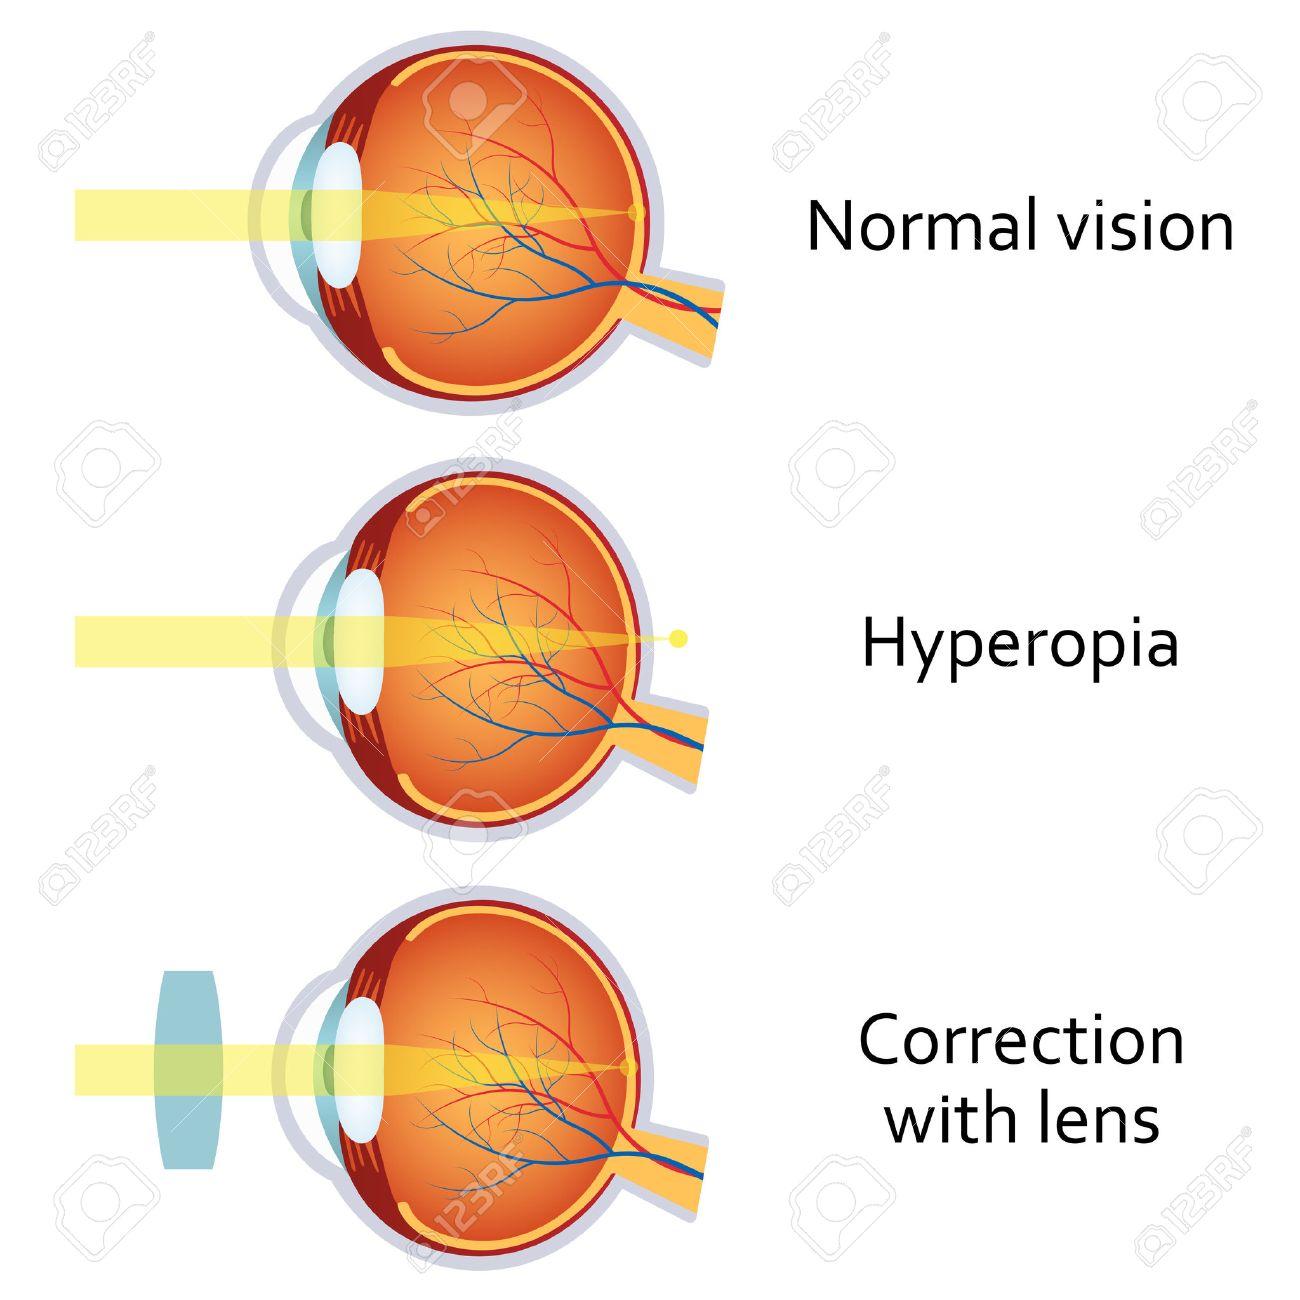 Hova lát jól a rövid- és a távollátó? - Éles látás Myopia és hyperopia mínusz plusz